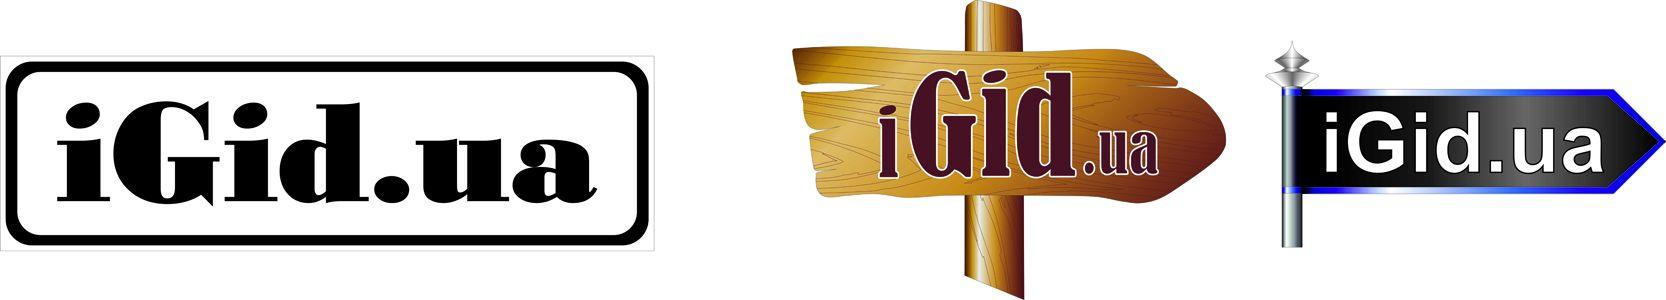 Создание логотипа iGid - дизайнер DraWmaN